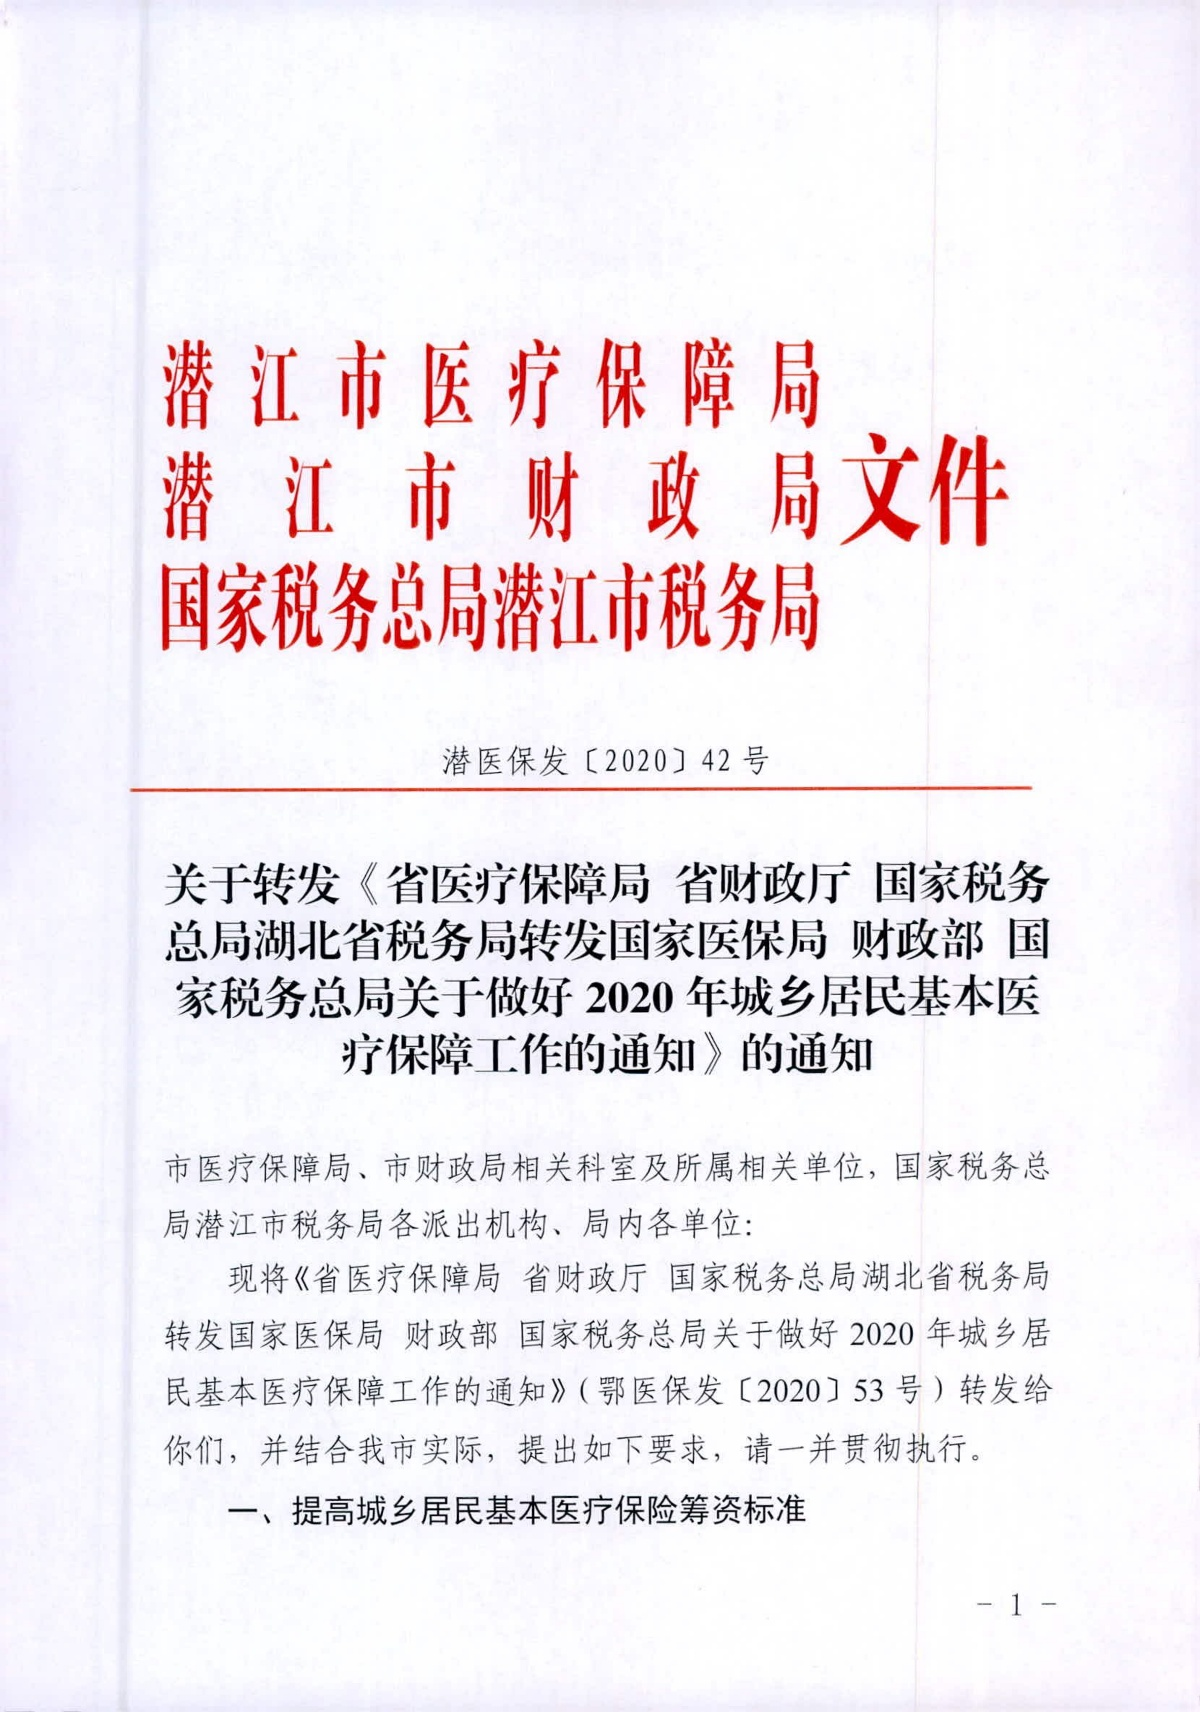 【潜江】市医疗保障局关于开展2021年度城乡居民基本医疗保险参保缴费工作的通知